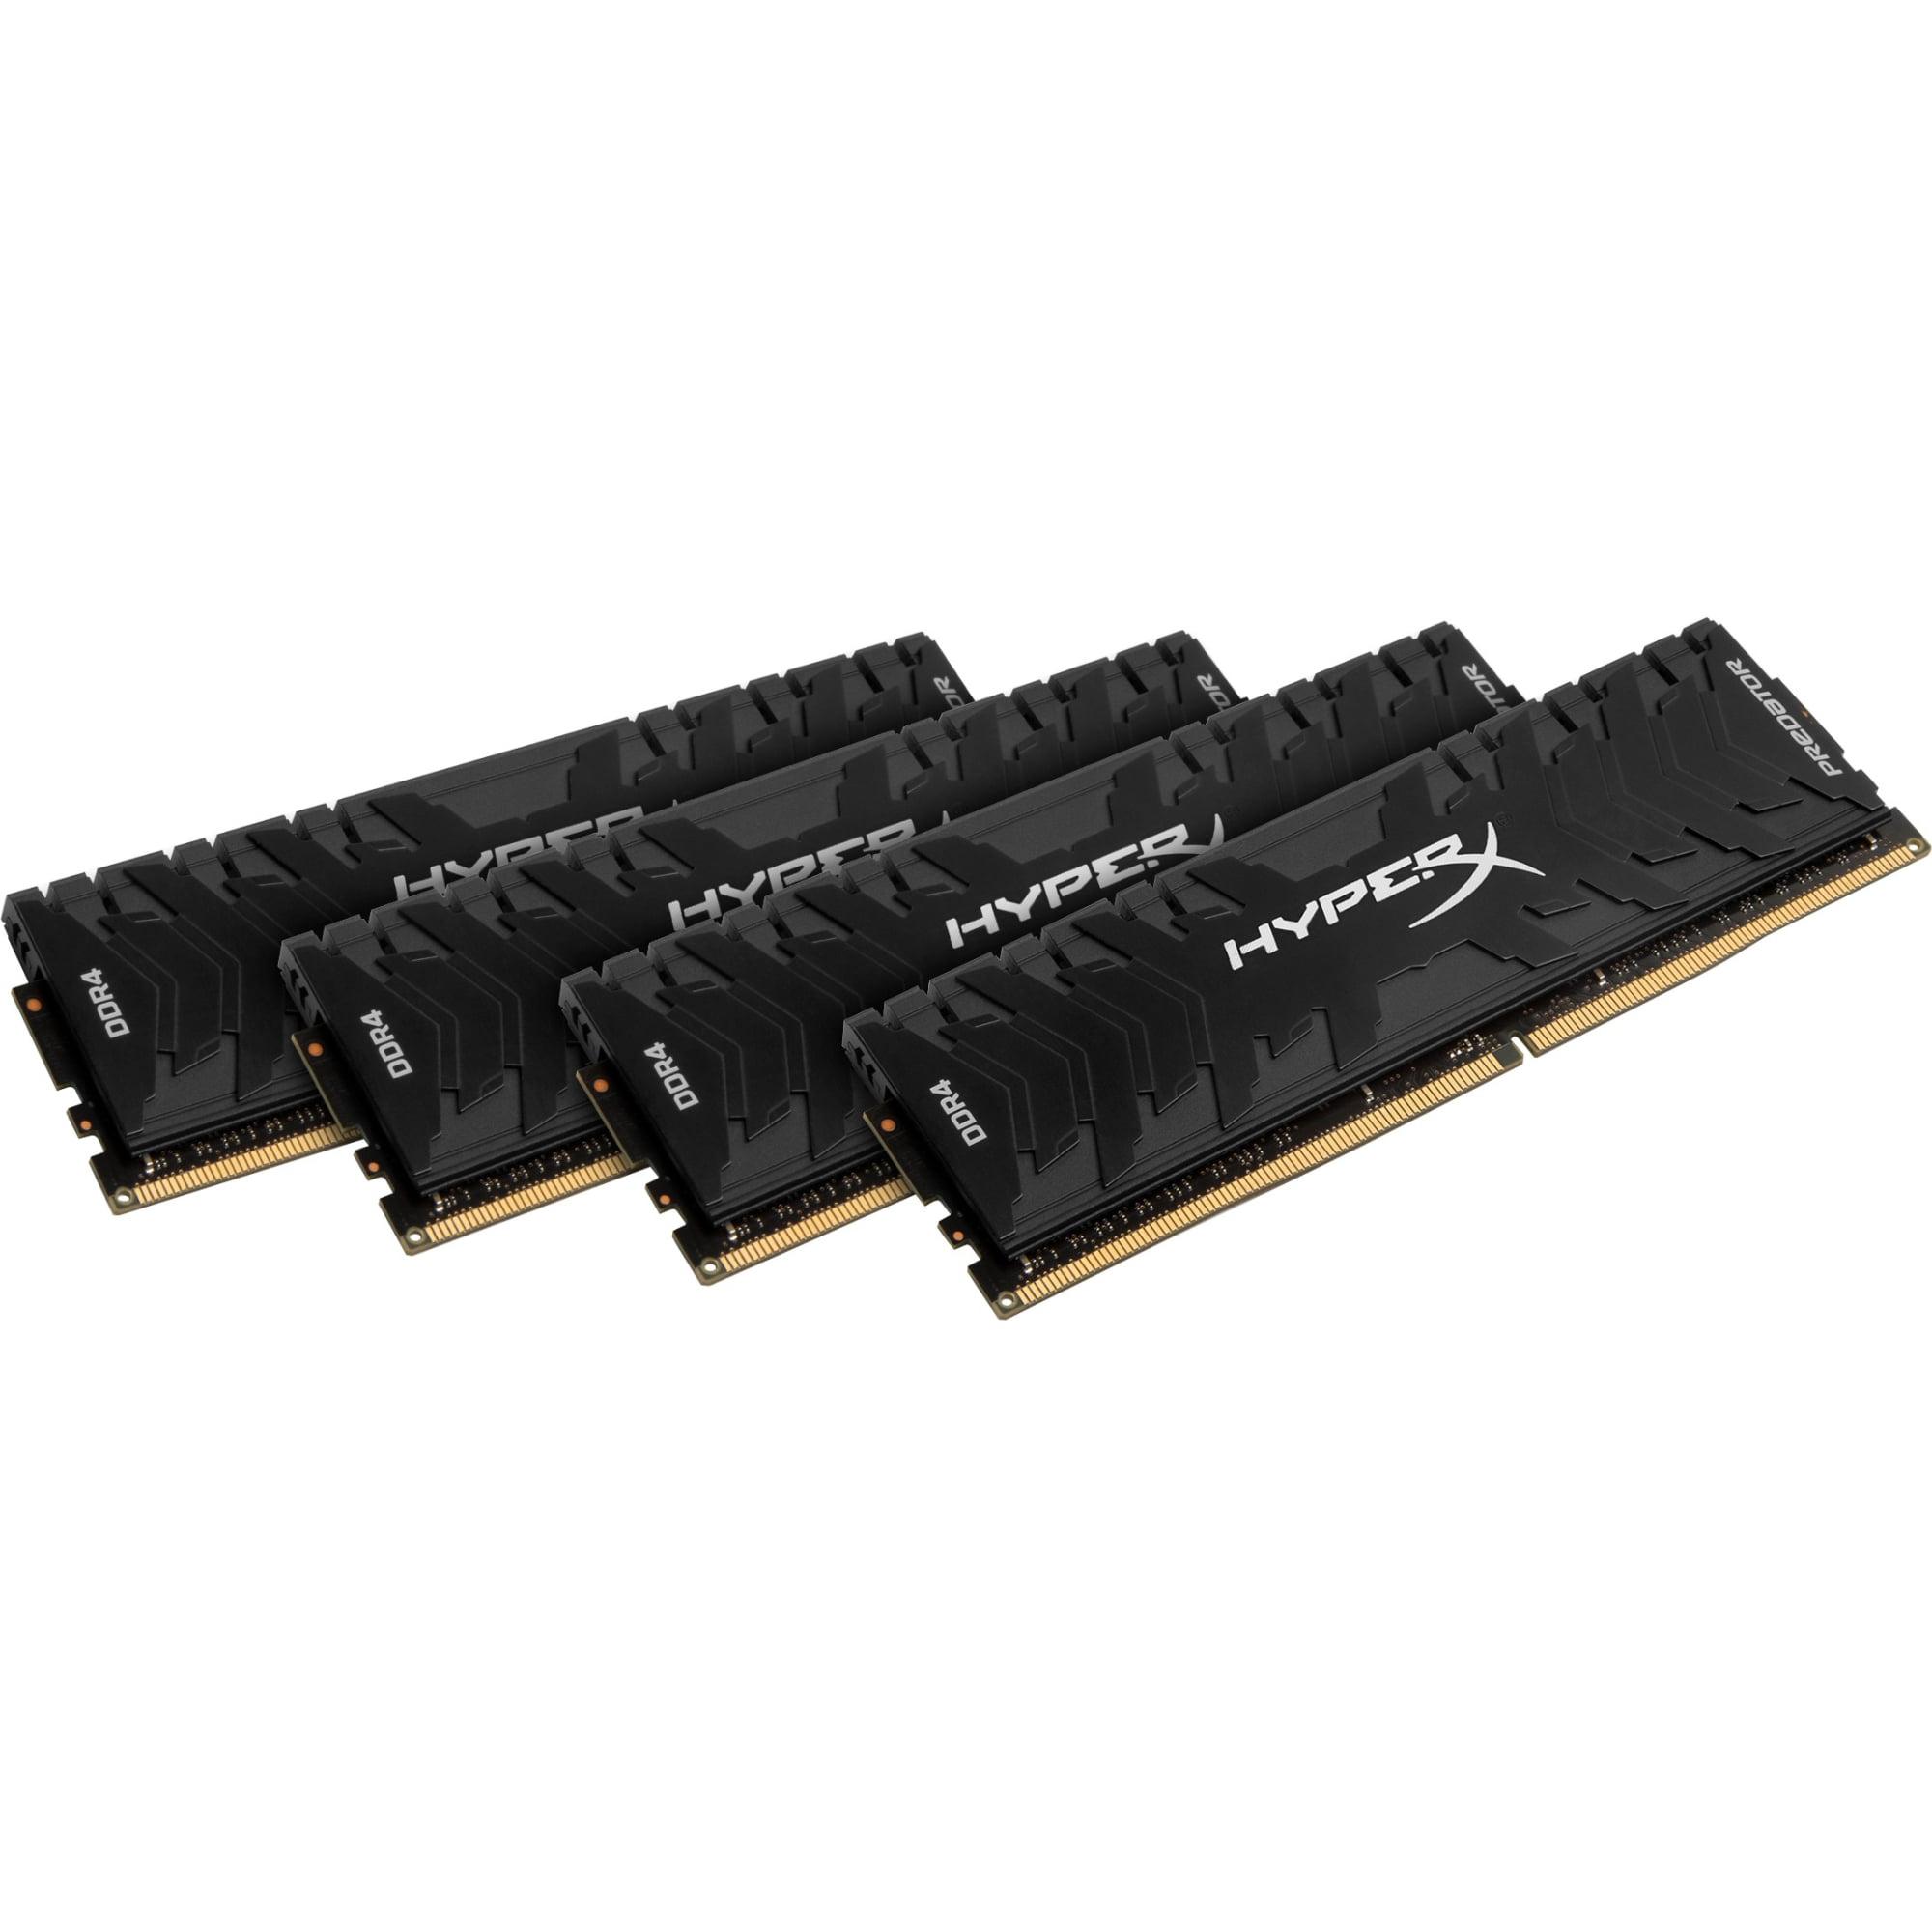 Kingston Predator Memory Black - 32GB Kit (4x8GB) - DDR4 3000MHz Intel XMP CL15 DIMM - 32 GB (4 x 8 GB) - DDR4 SDRAM -